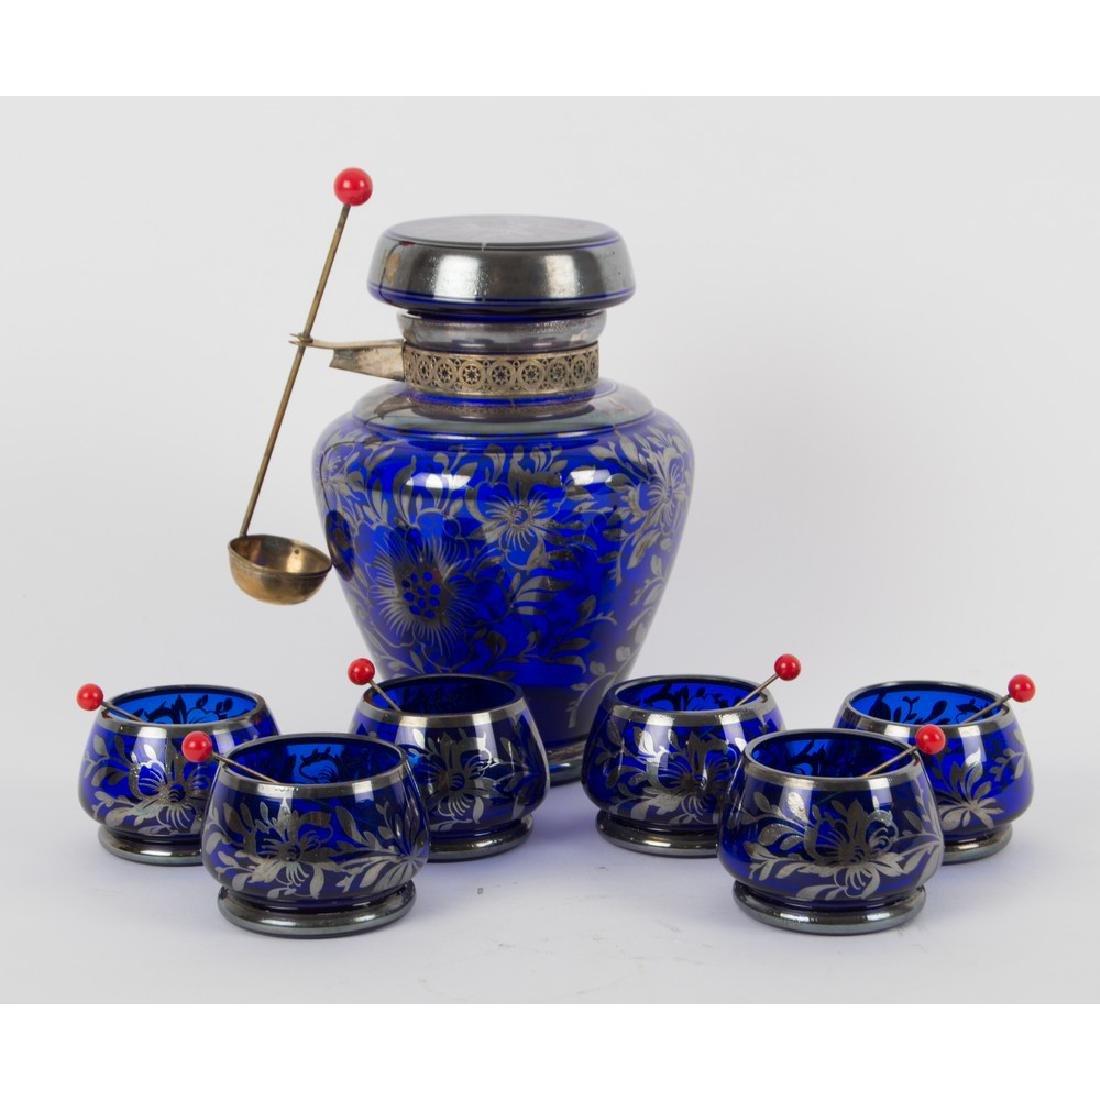 SERVIZIO deco' per amarene in vetro blu con decori in